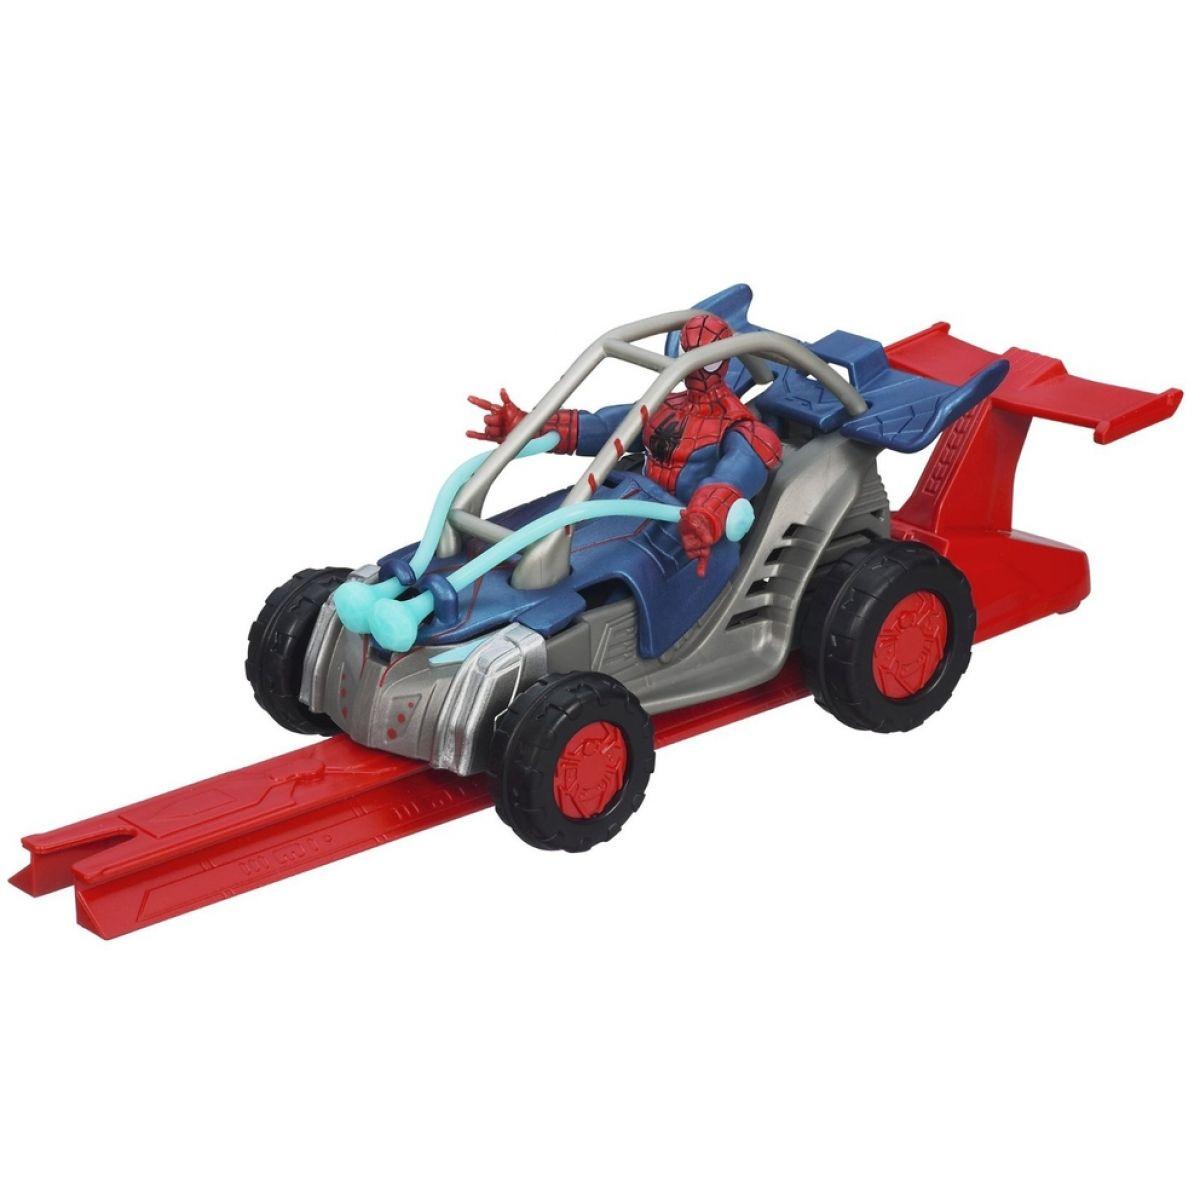 Spiderman akční vystřelovací vozidla - Turbo Cruiser